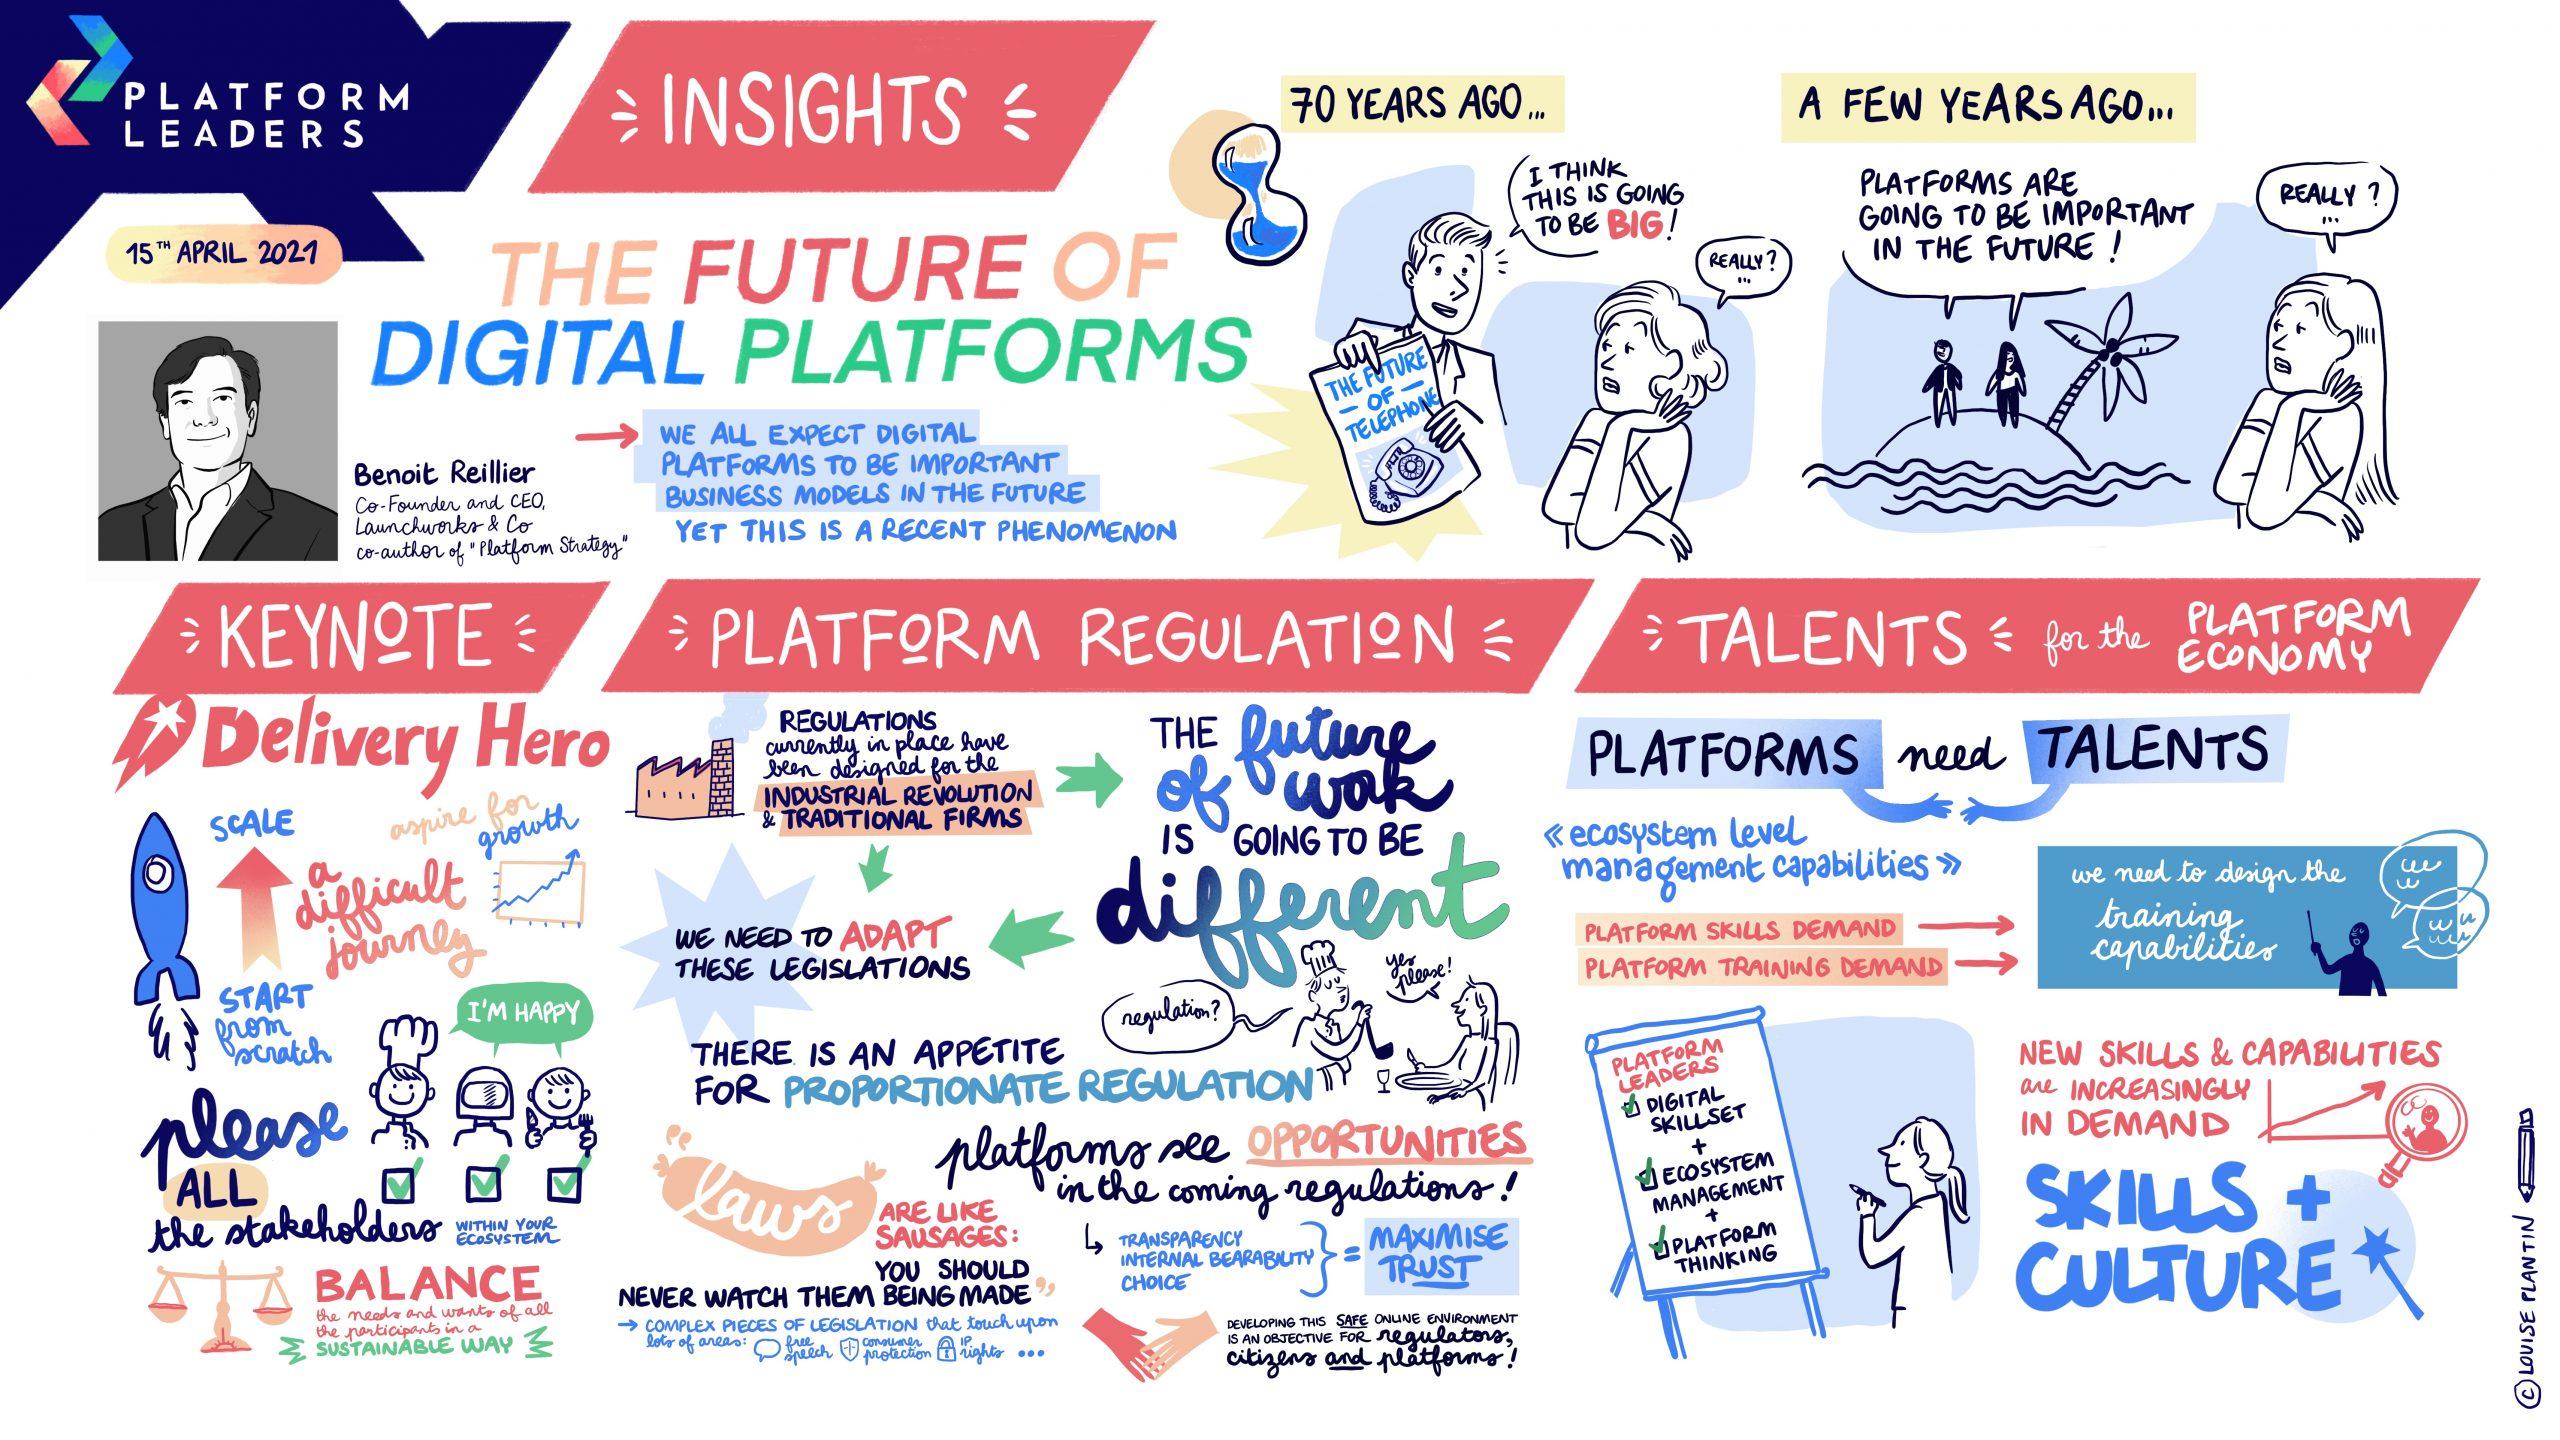 On the frontline of digital platforms